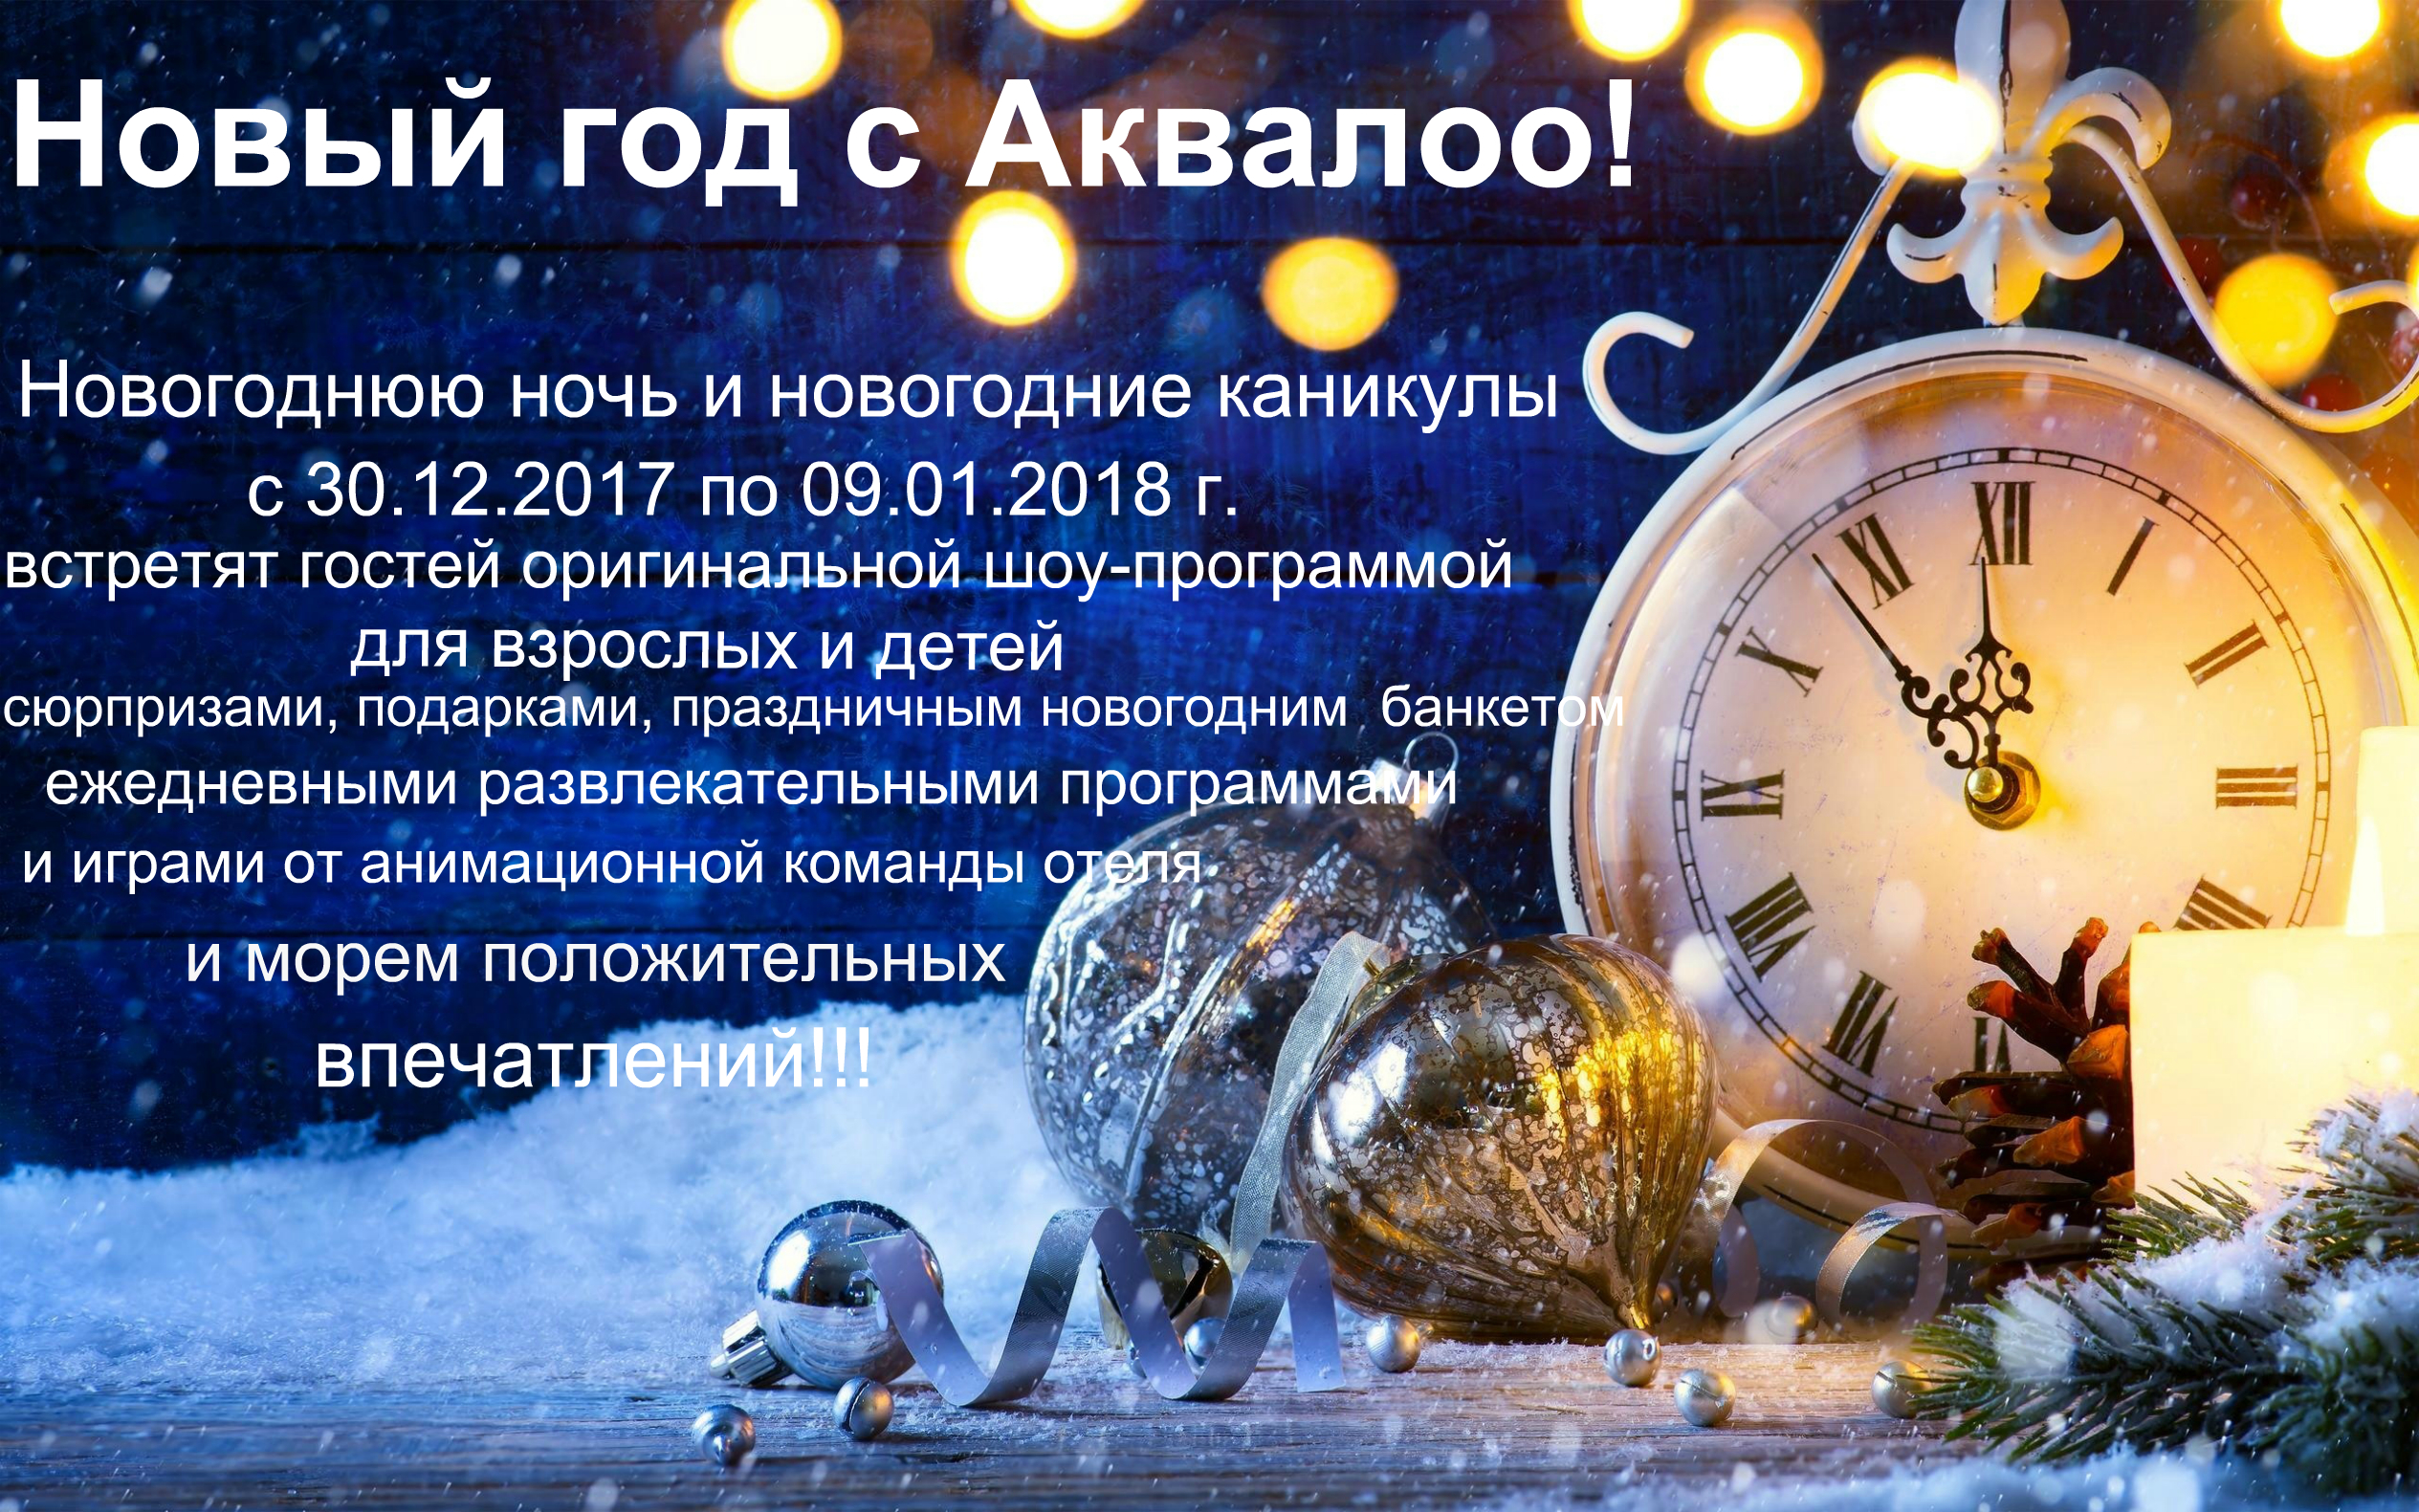 Новый Год с Аквалоо!